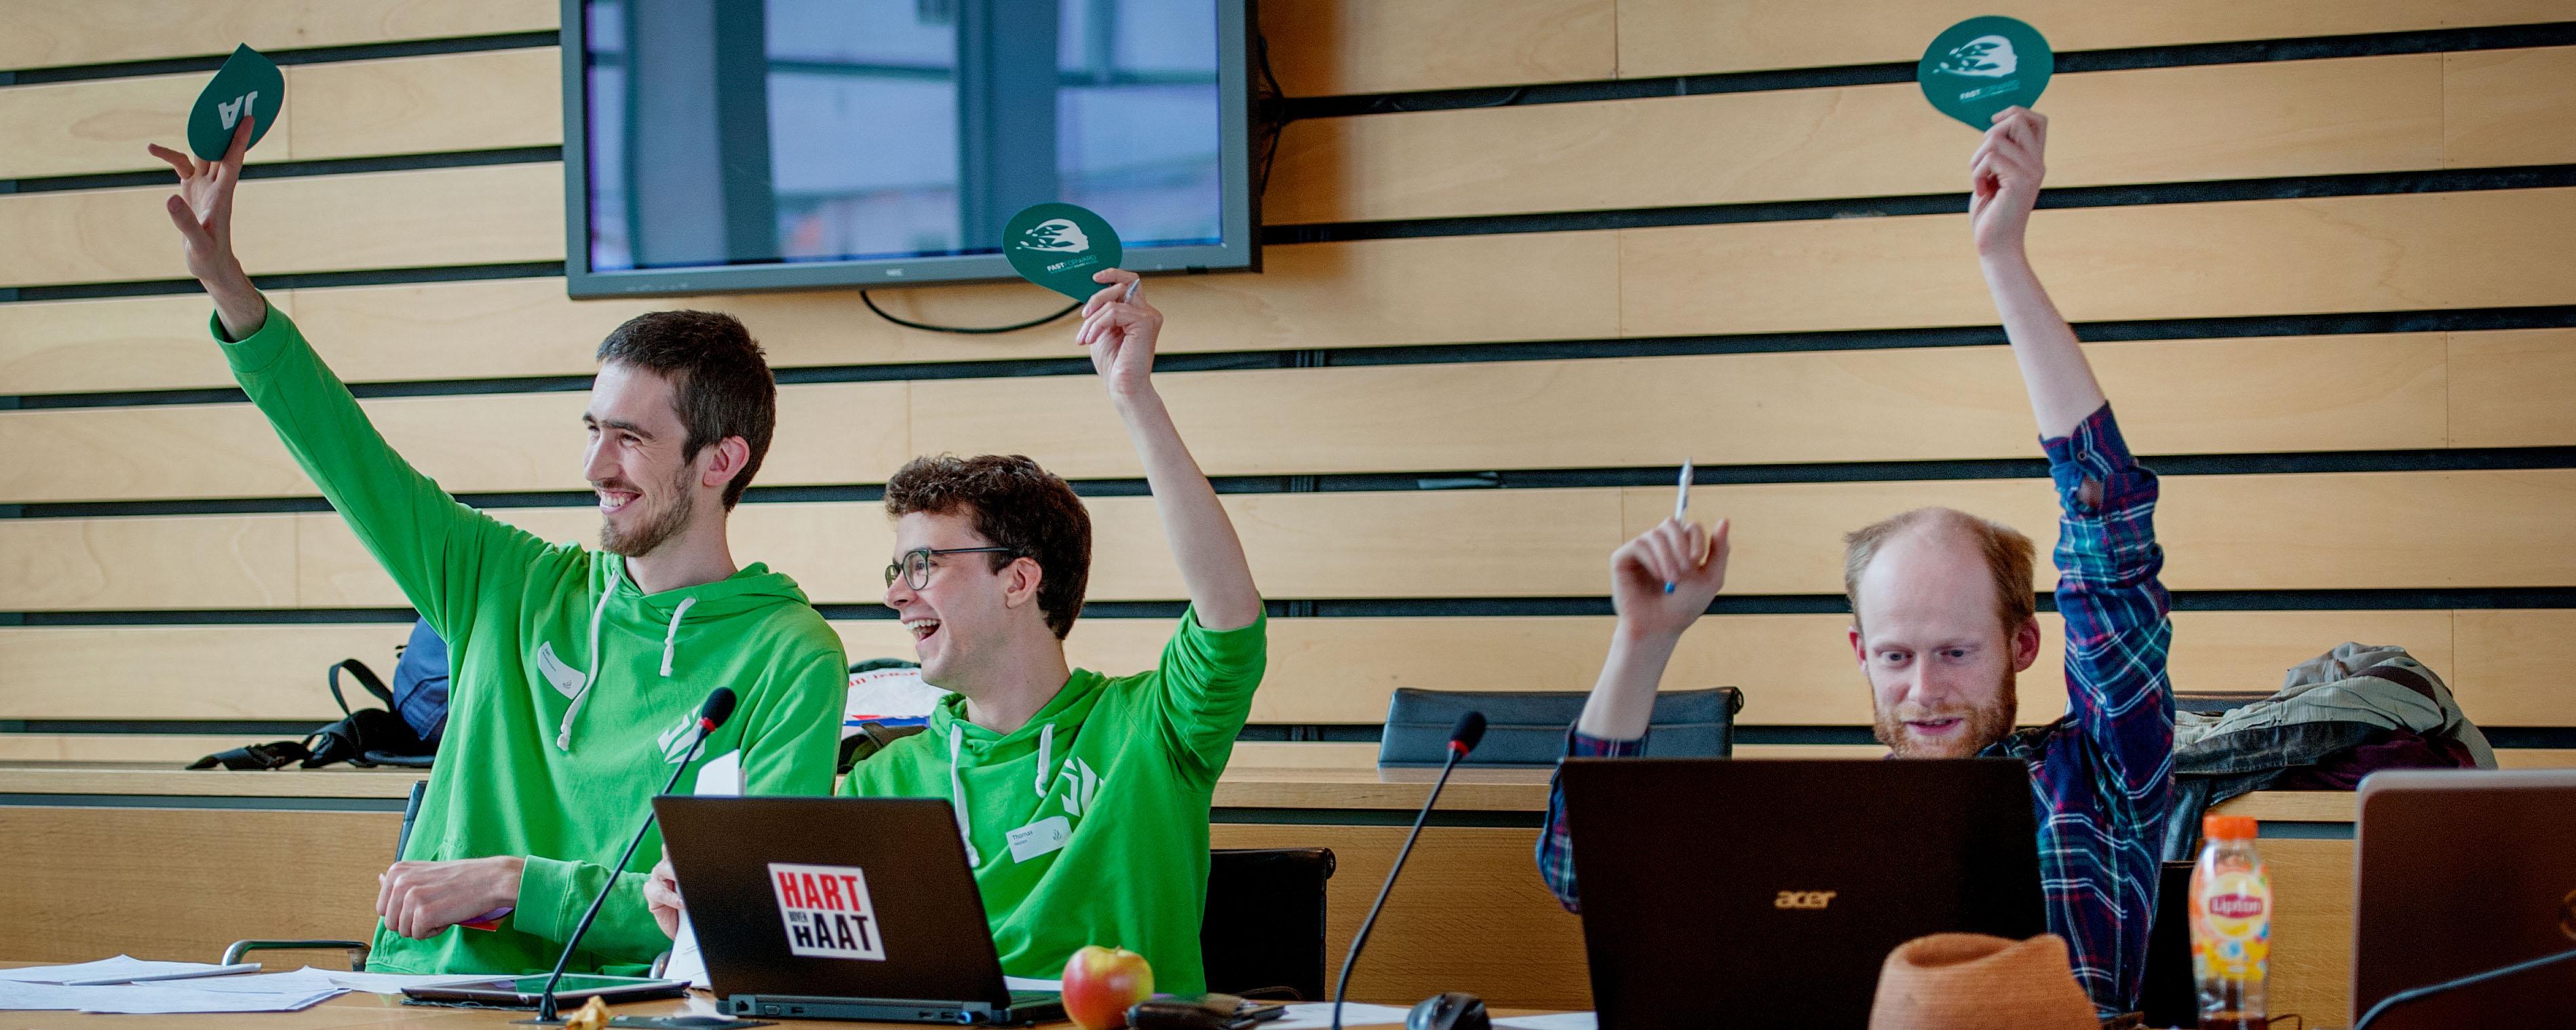 <h2>Discussieer en stem</h2><div>Discussieer mee en stem als lid van Jong Groen onze officiële standpunten.